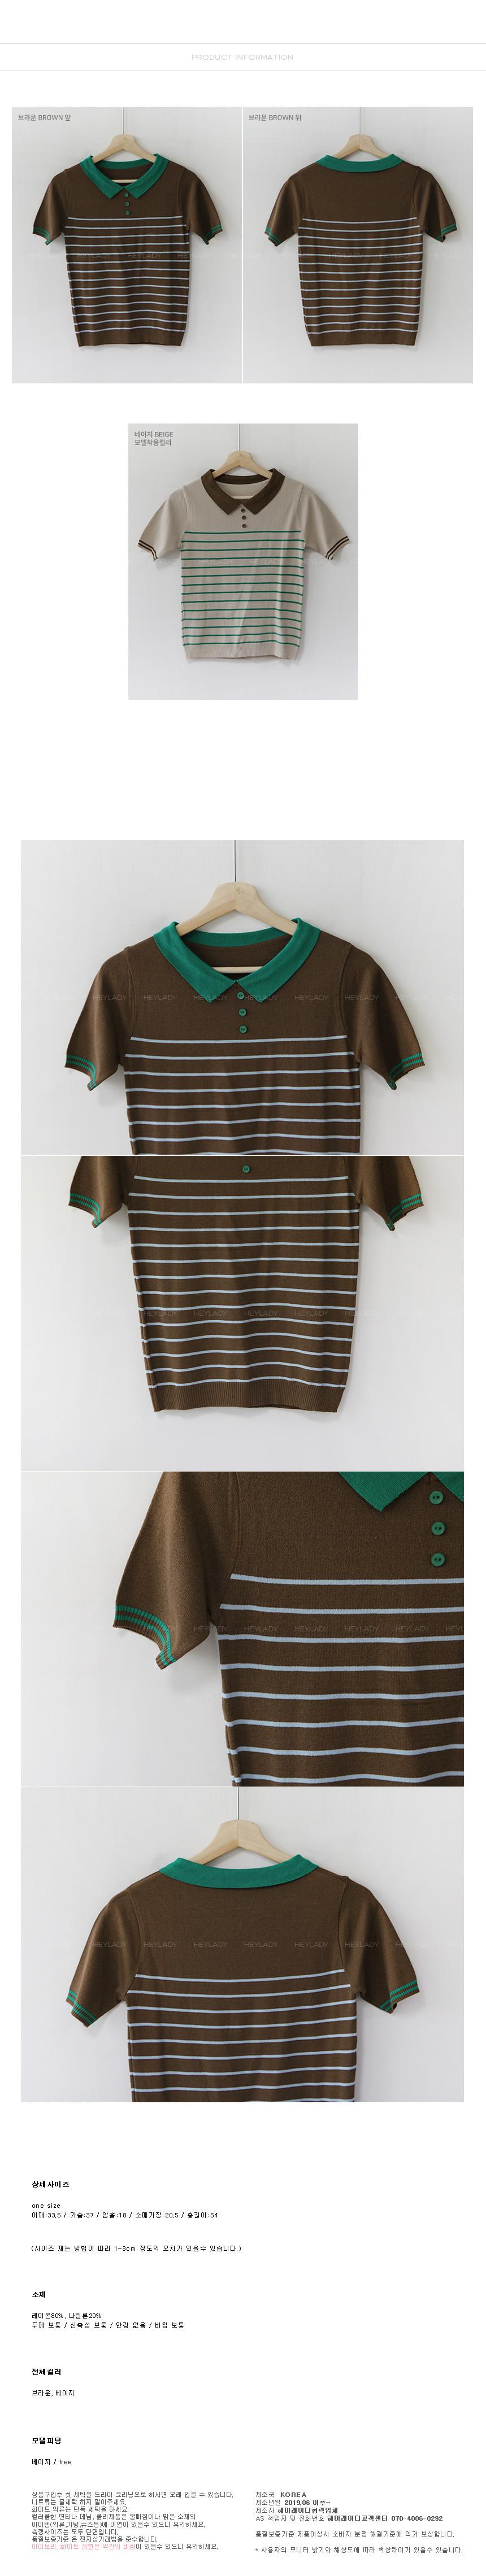 Cheki Tangarakara Knit